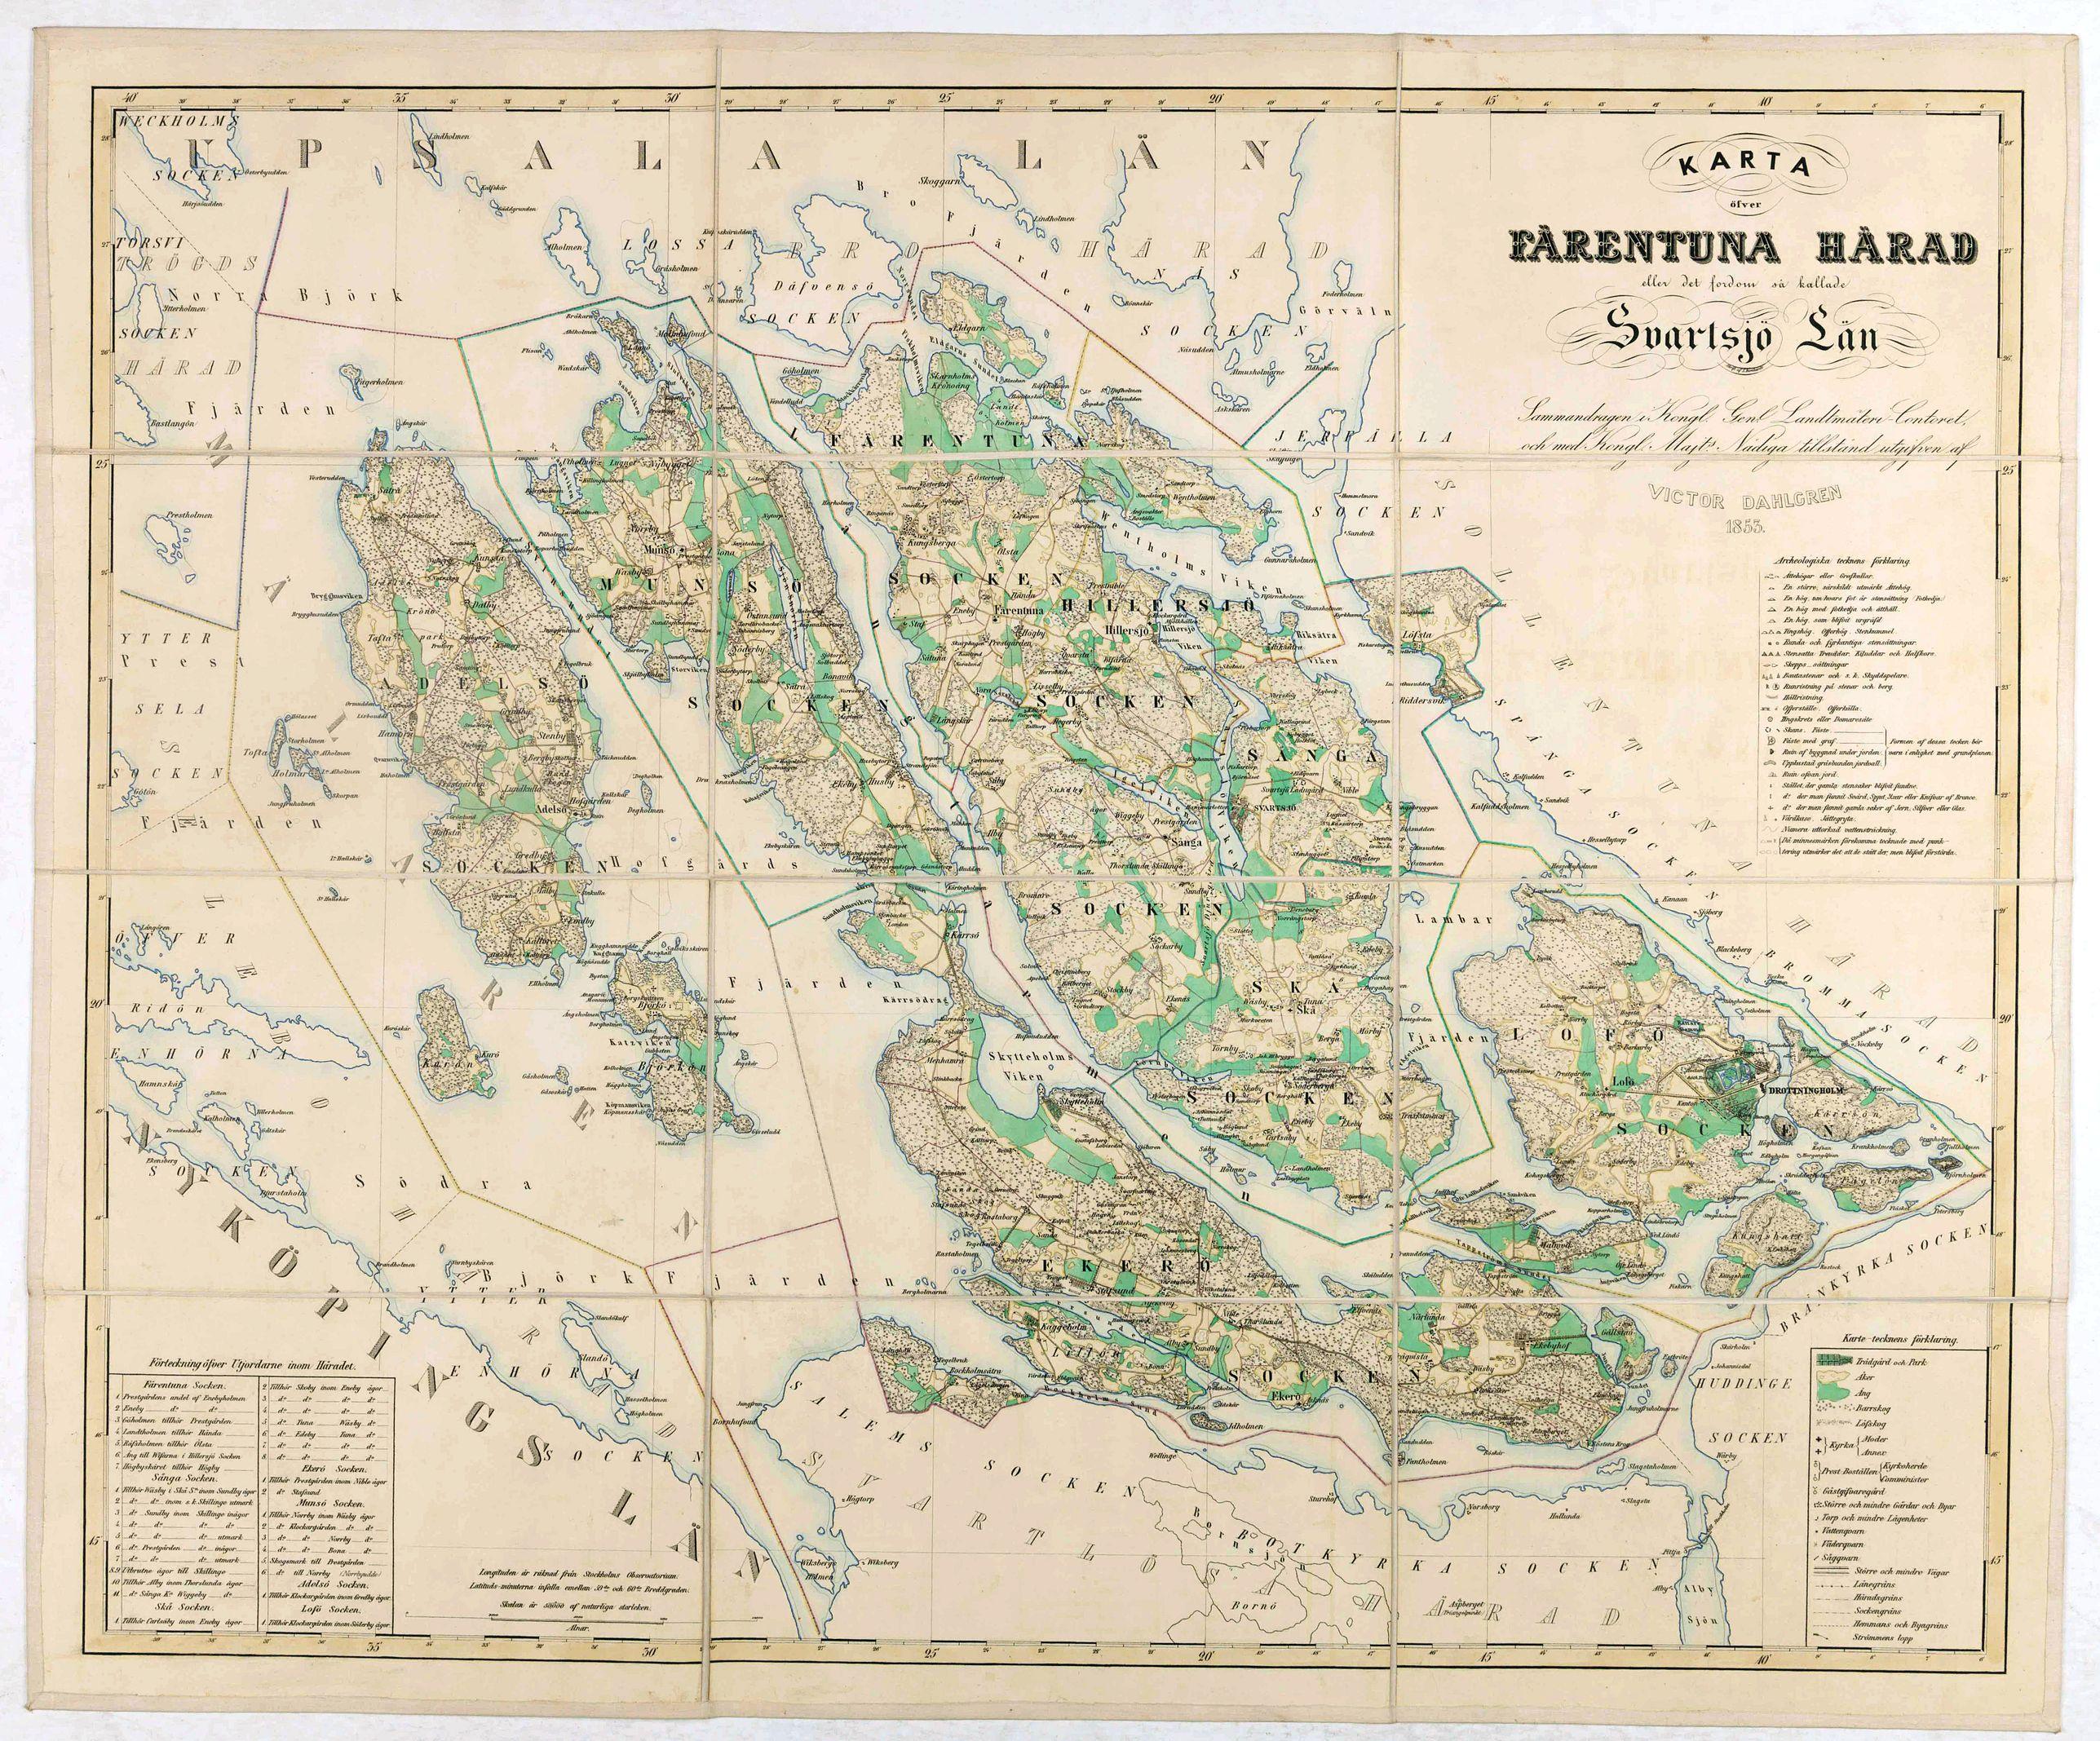 DAHLGREN, V. -  Karta öfver Färentuna härad eller det fordom så kallade Svartsjö län,